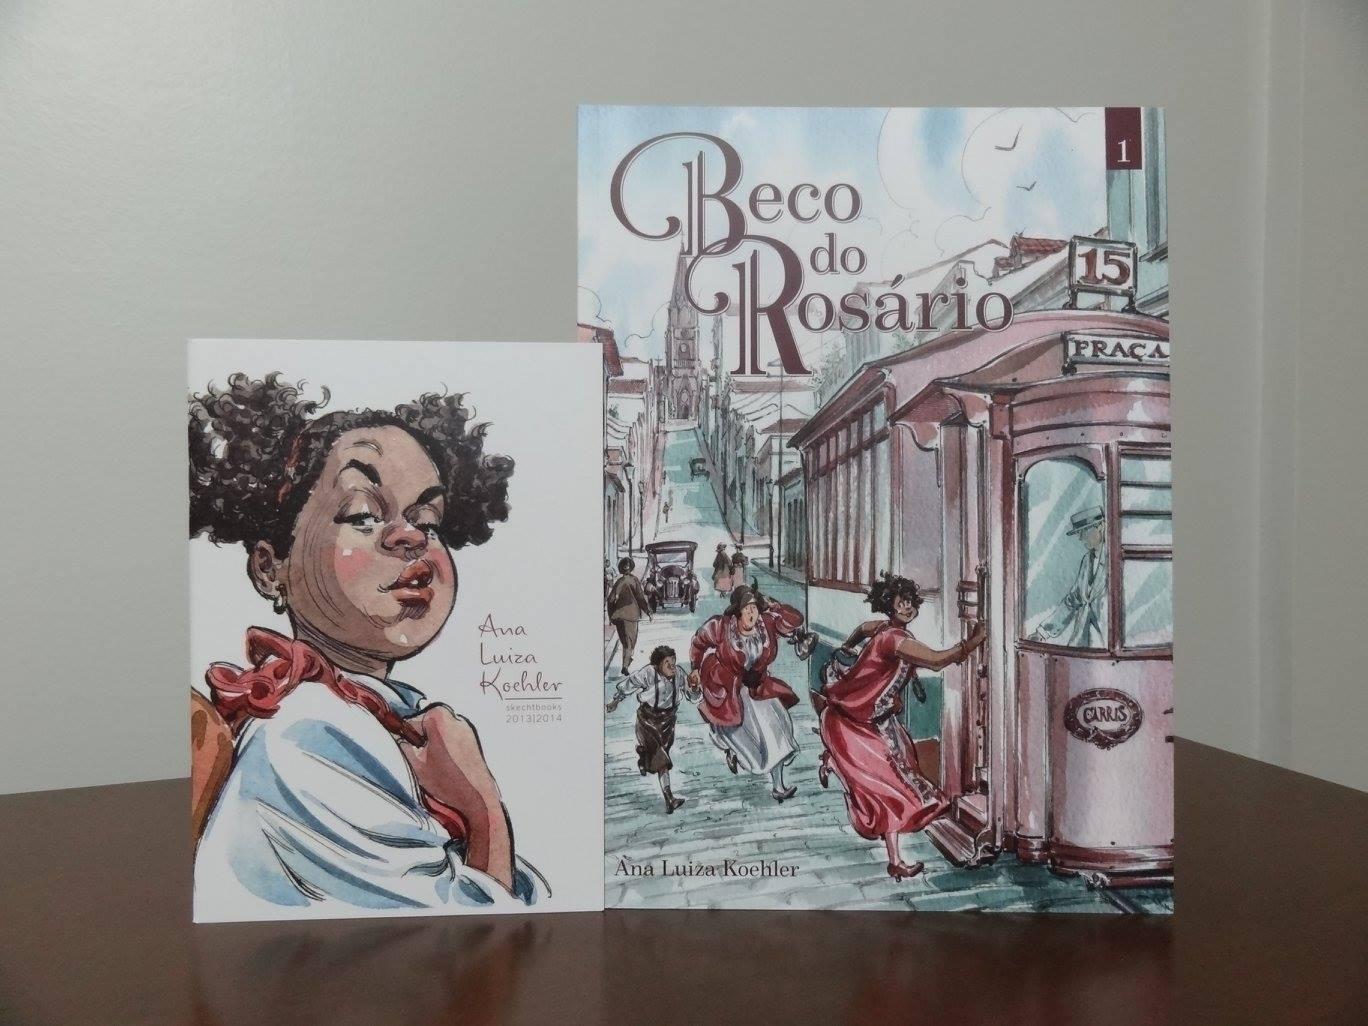 Beco do Rosário, de Ana Luiza Kohler